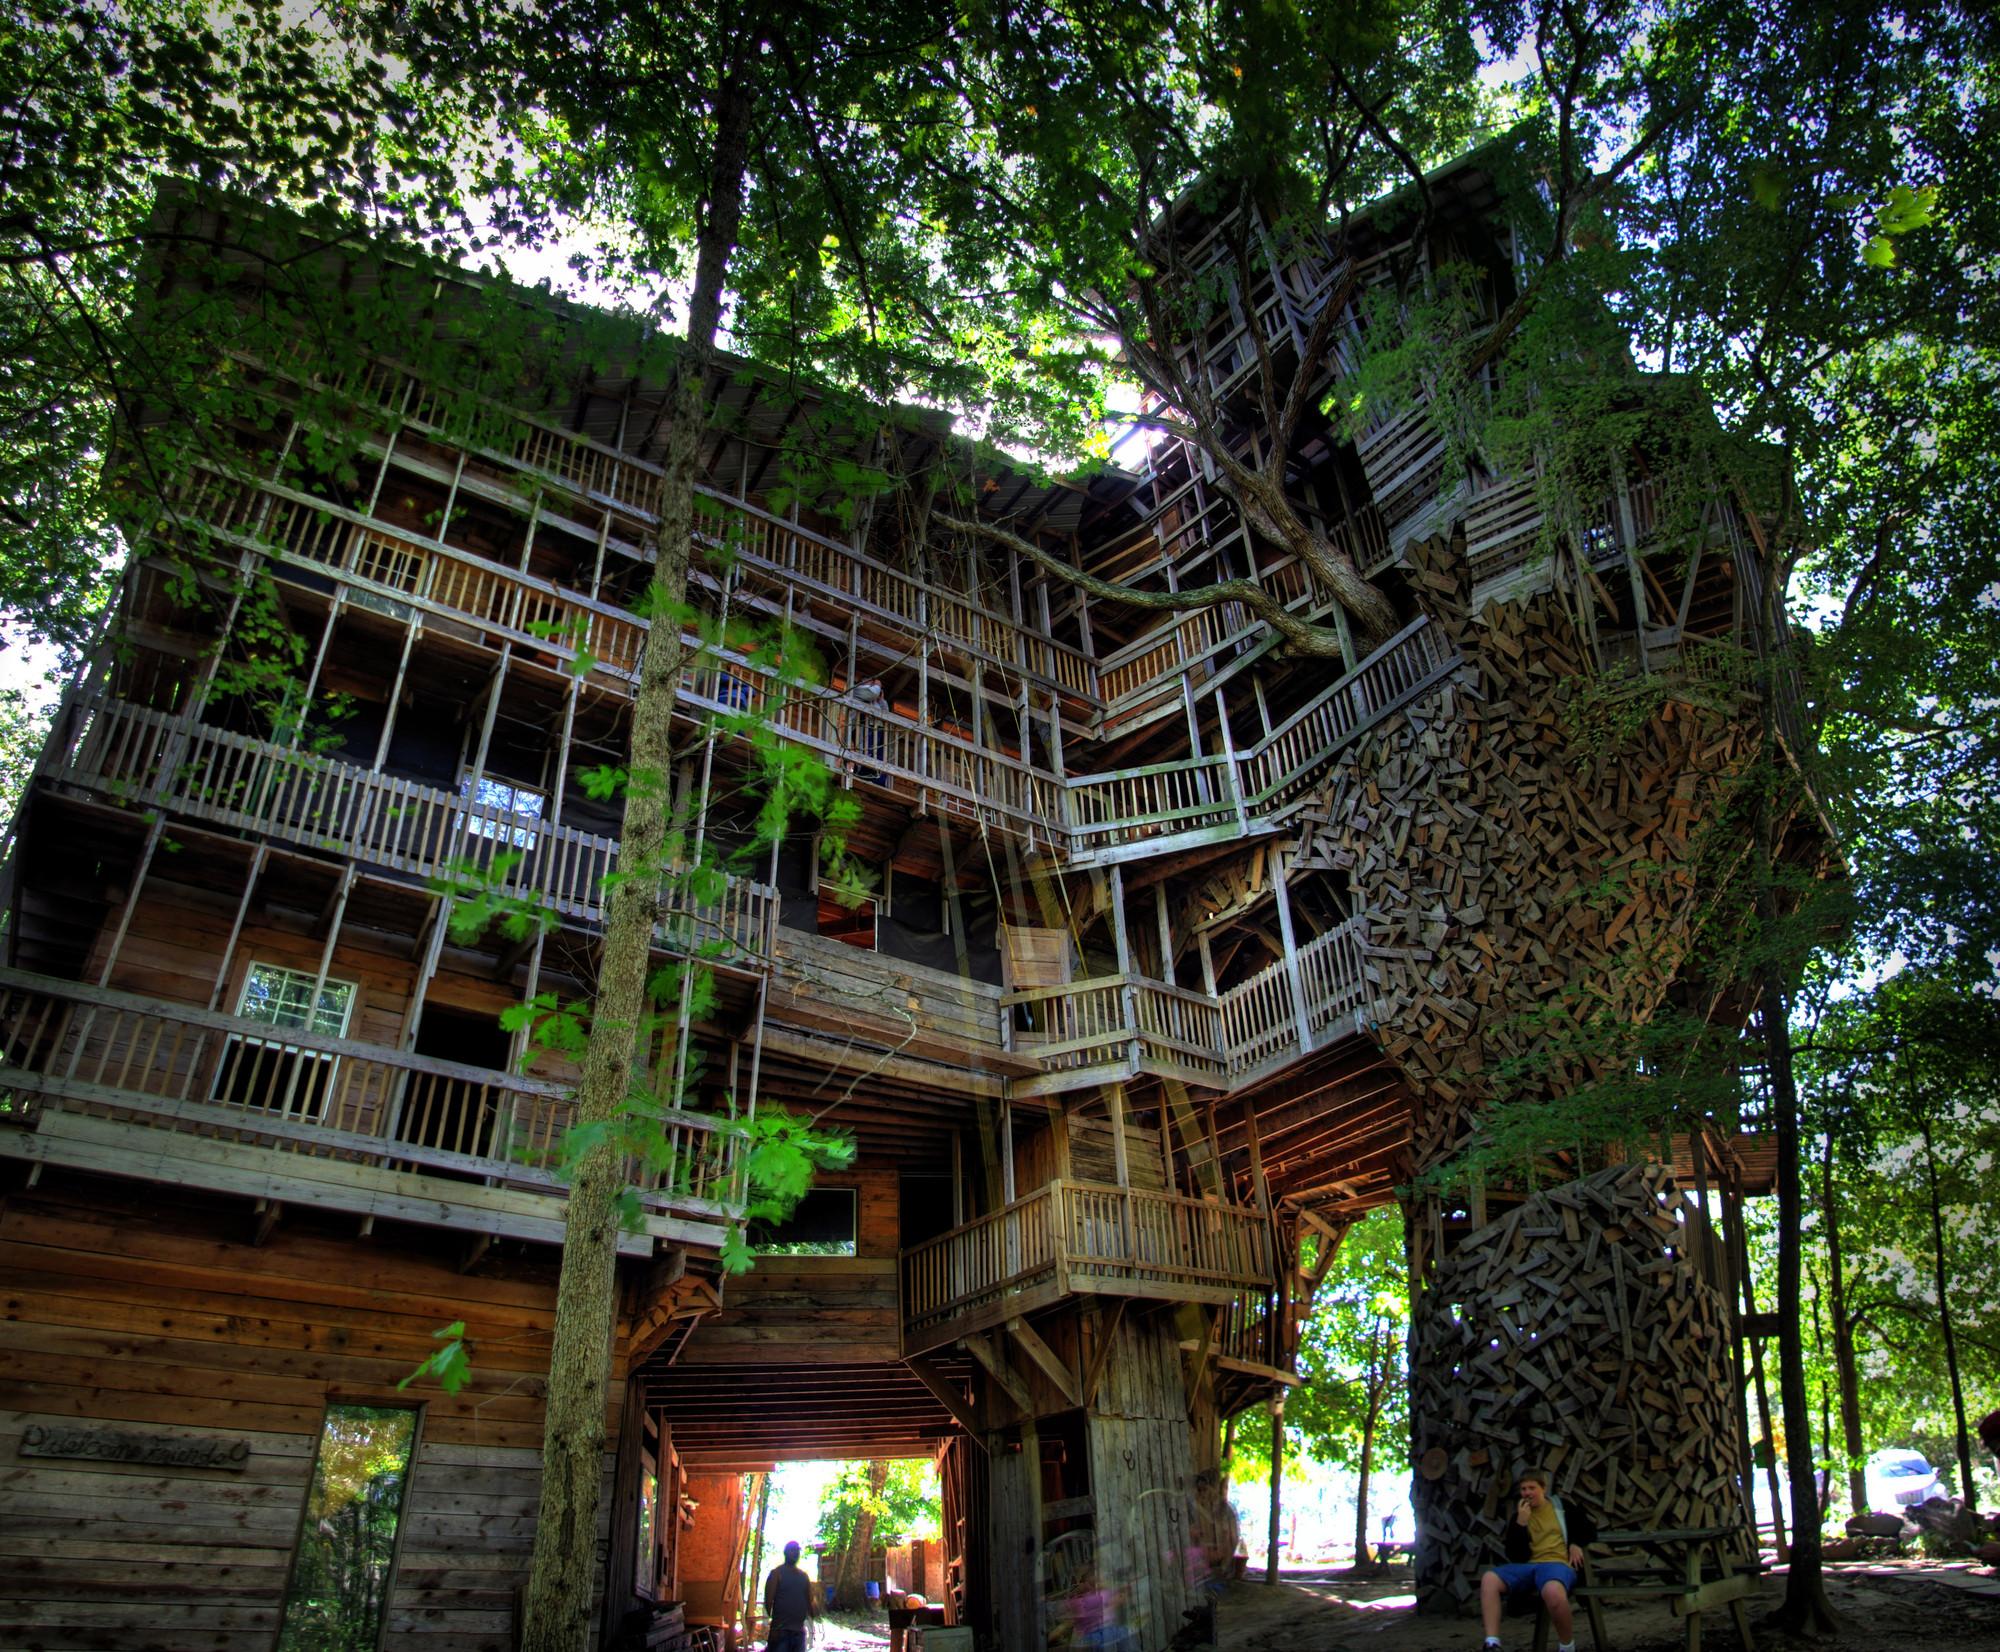 Arte y arquitectura la casa del rbol m s grande del for Las casas mas grandes y lujosas del mundo